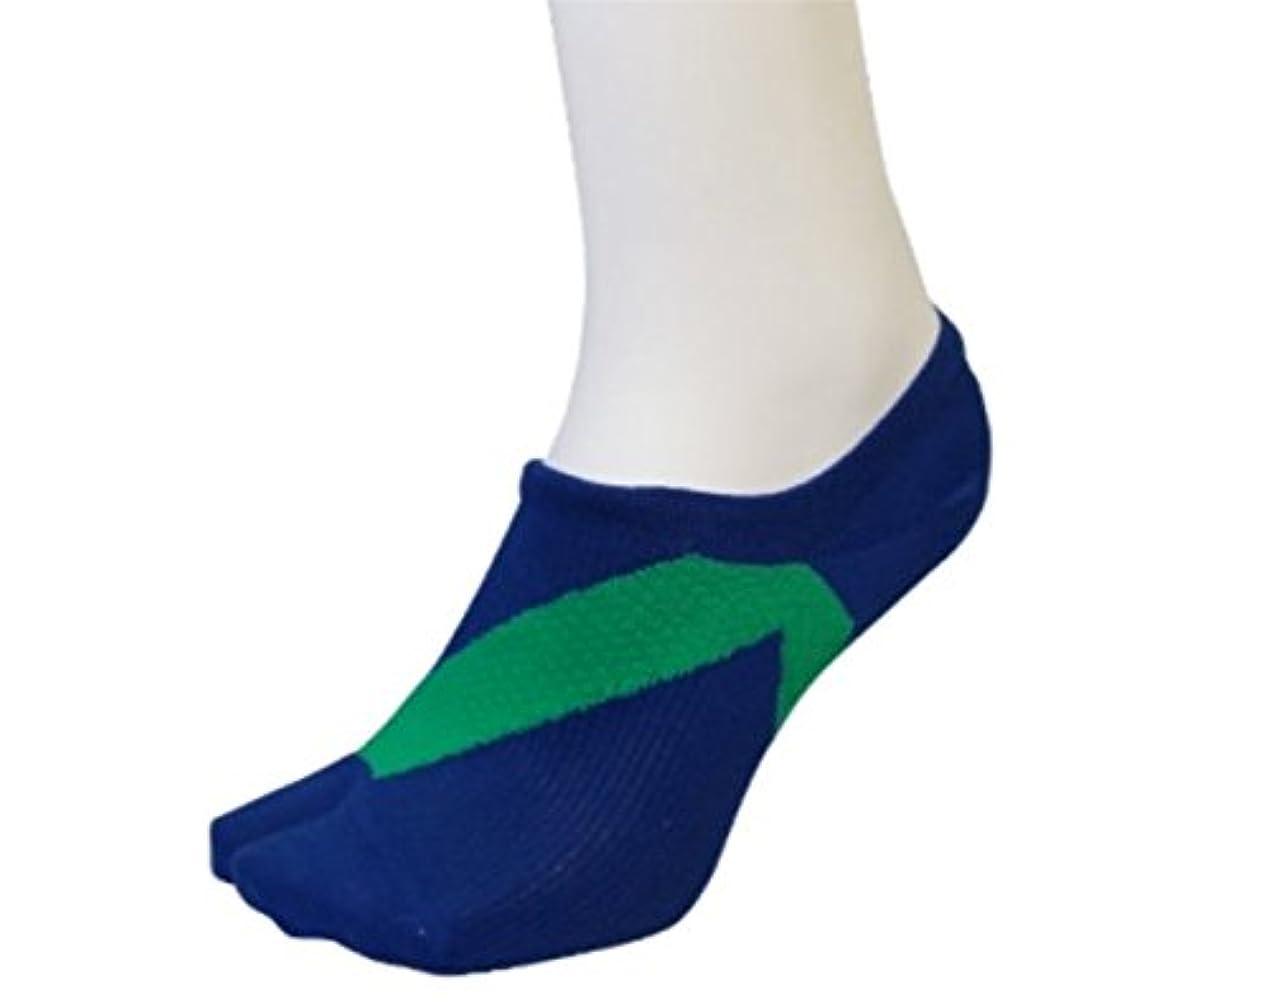 レイプ凝視チキンさとう式 フレクサーソックス スニーカータイプ 青緑 (M) 足袋型